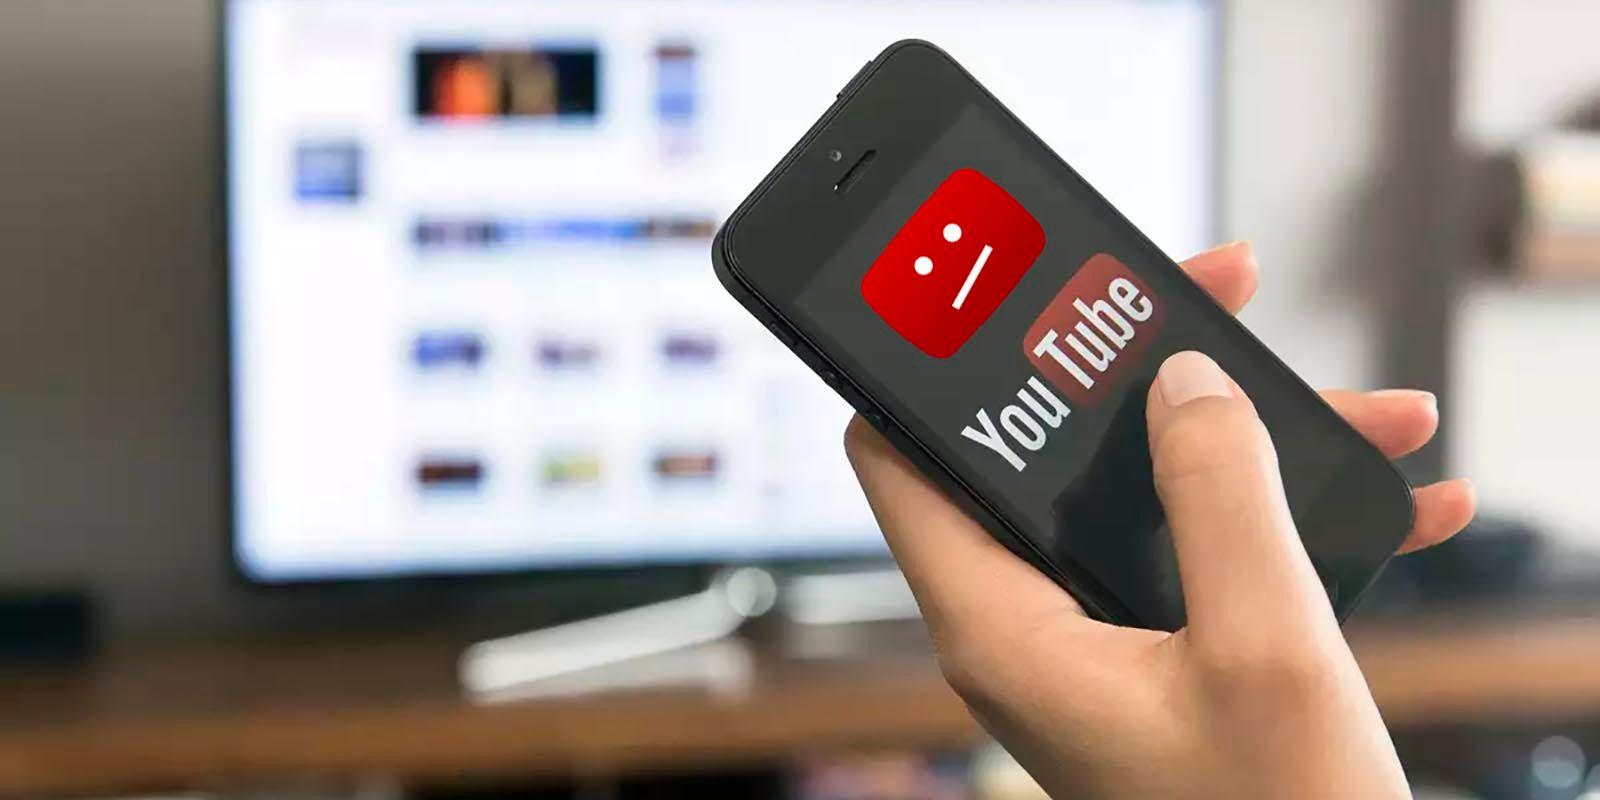 Ver video de YouTube bloqueado en tu pais